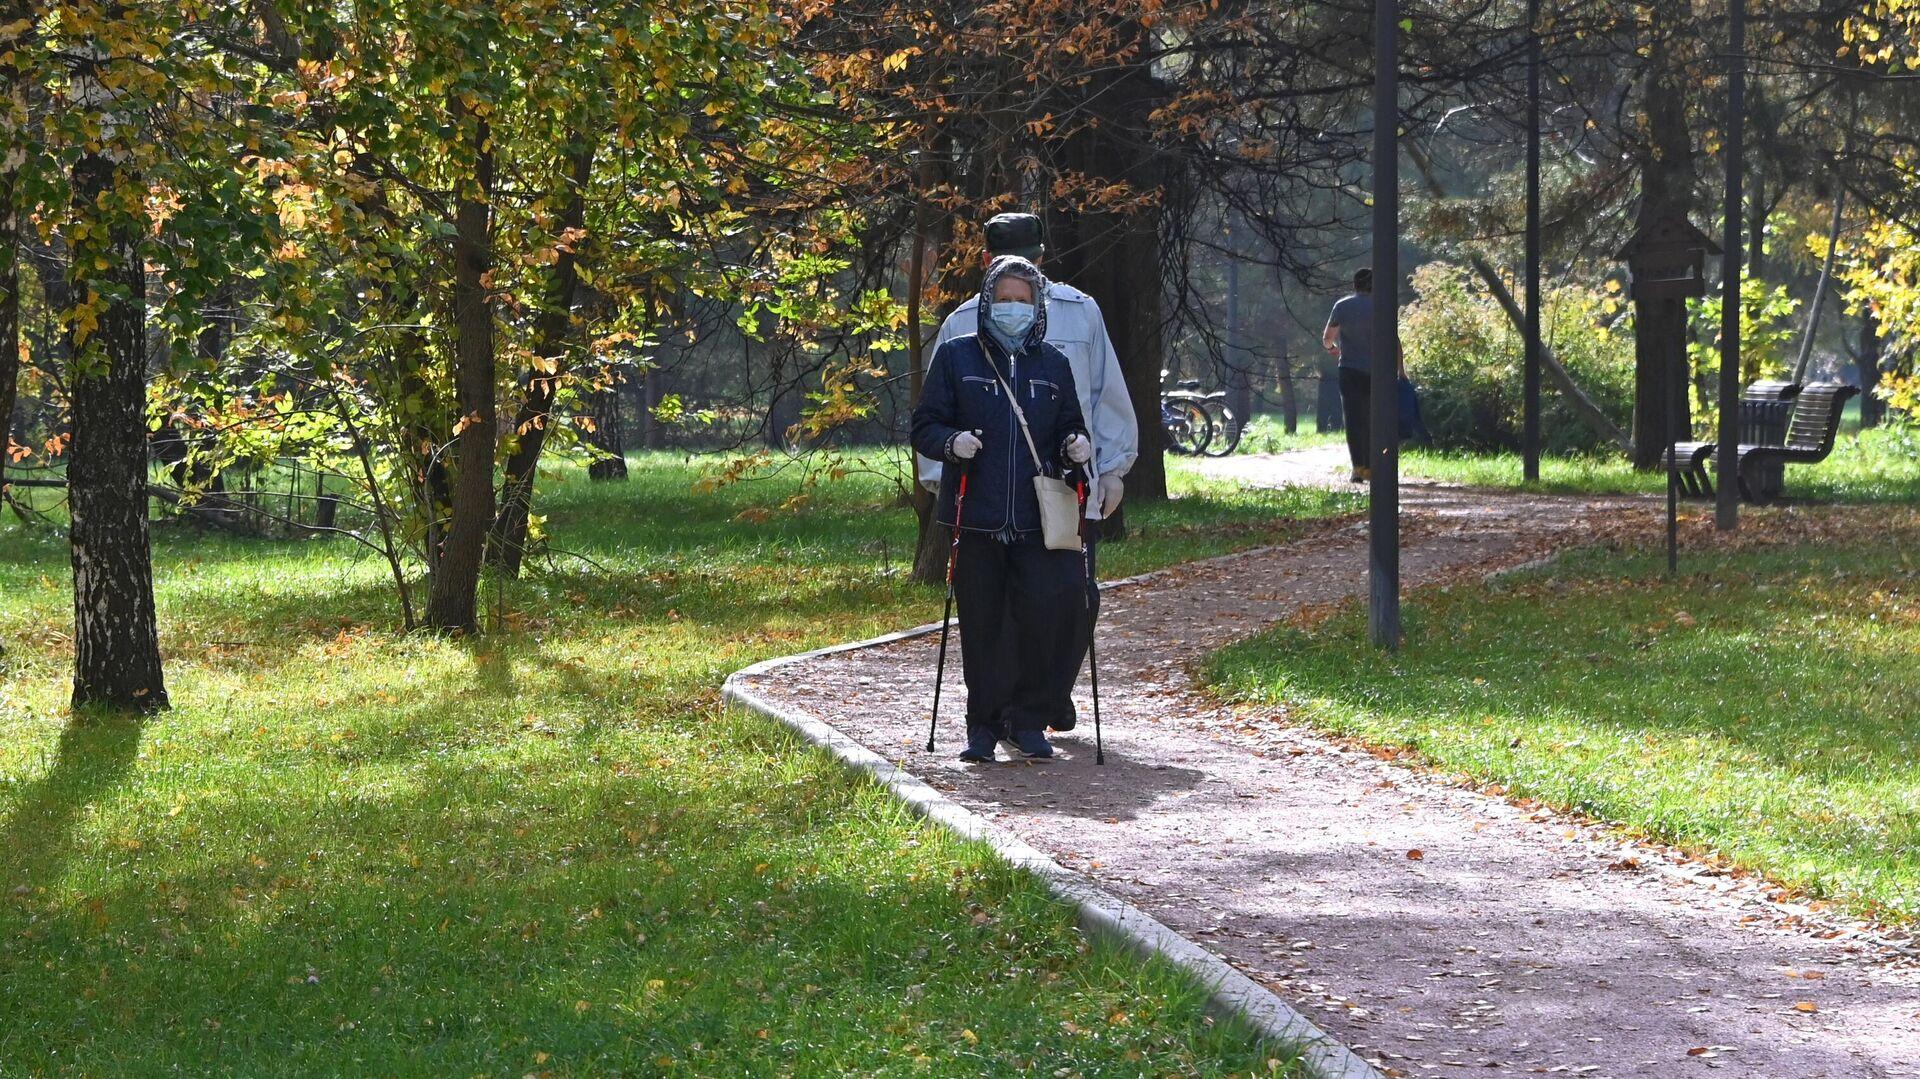 Отдыхающие в парке имени 50-летия Октября в Москве - РИА Новости, 1920, 13.06.2021